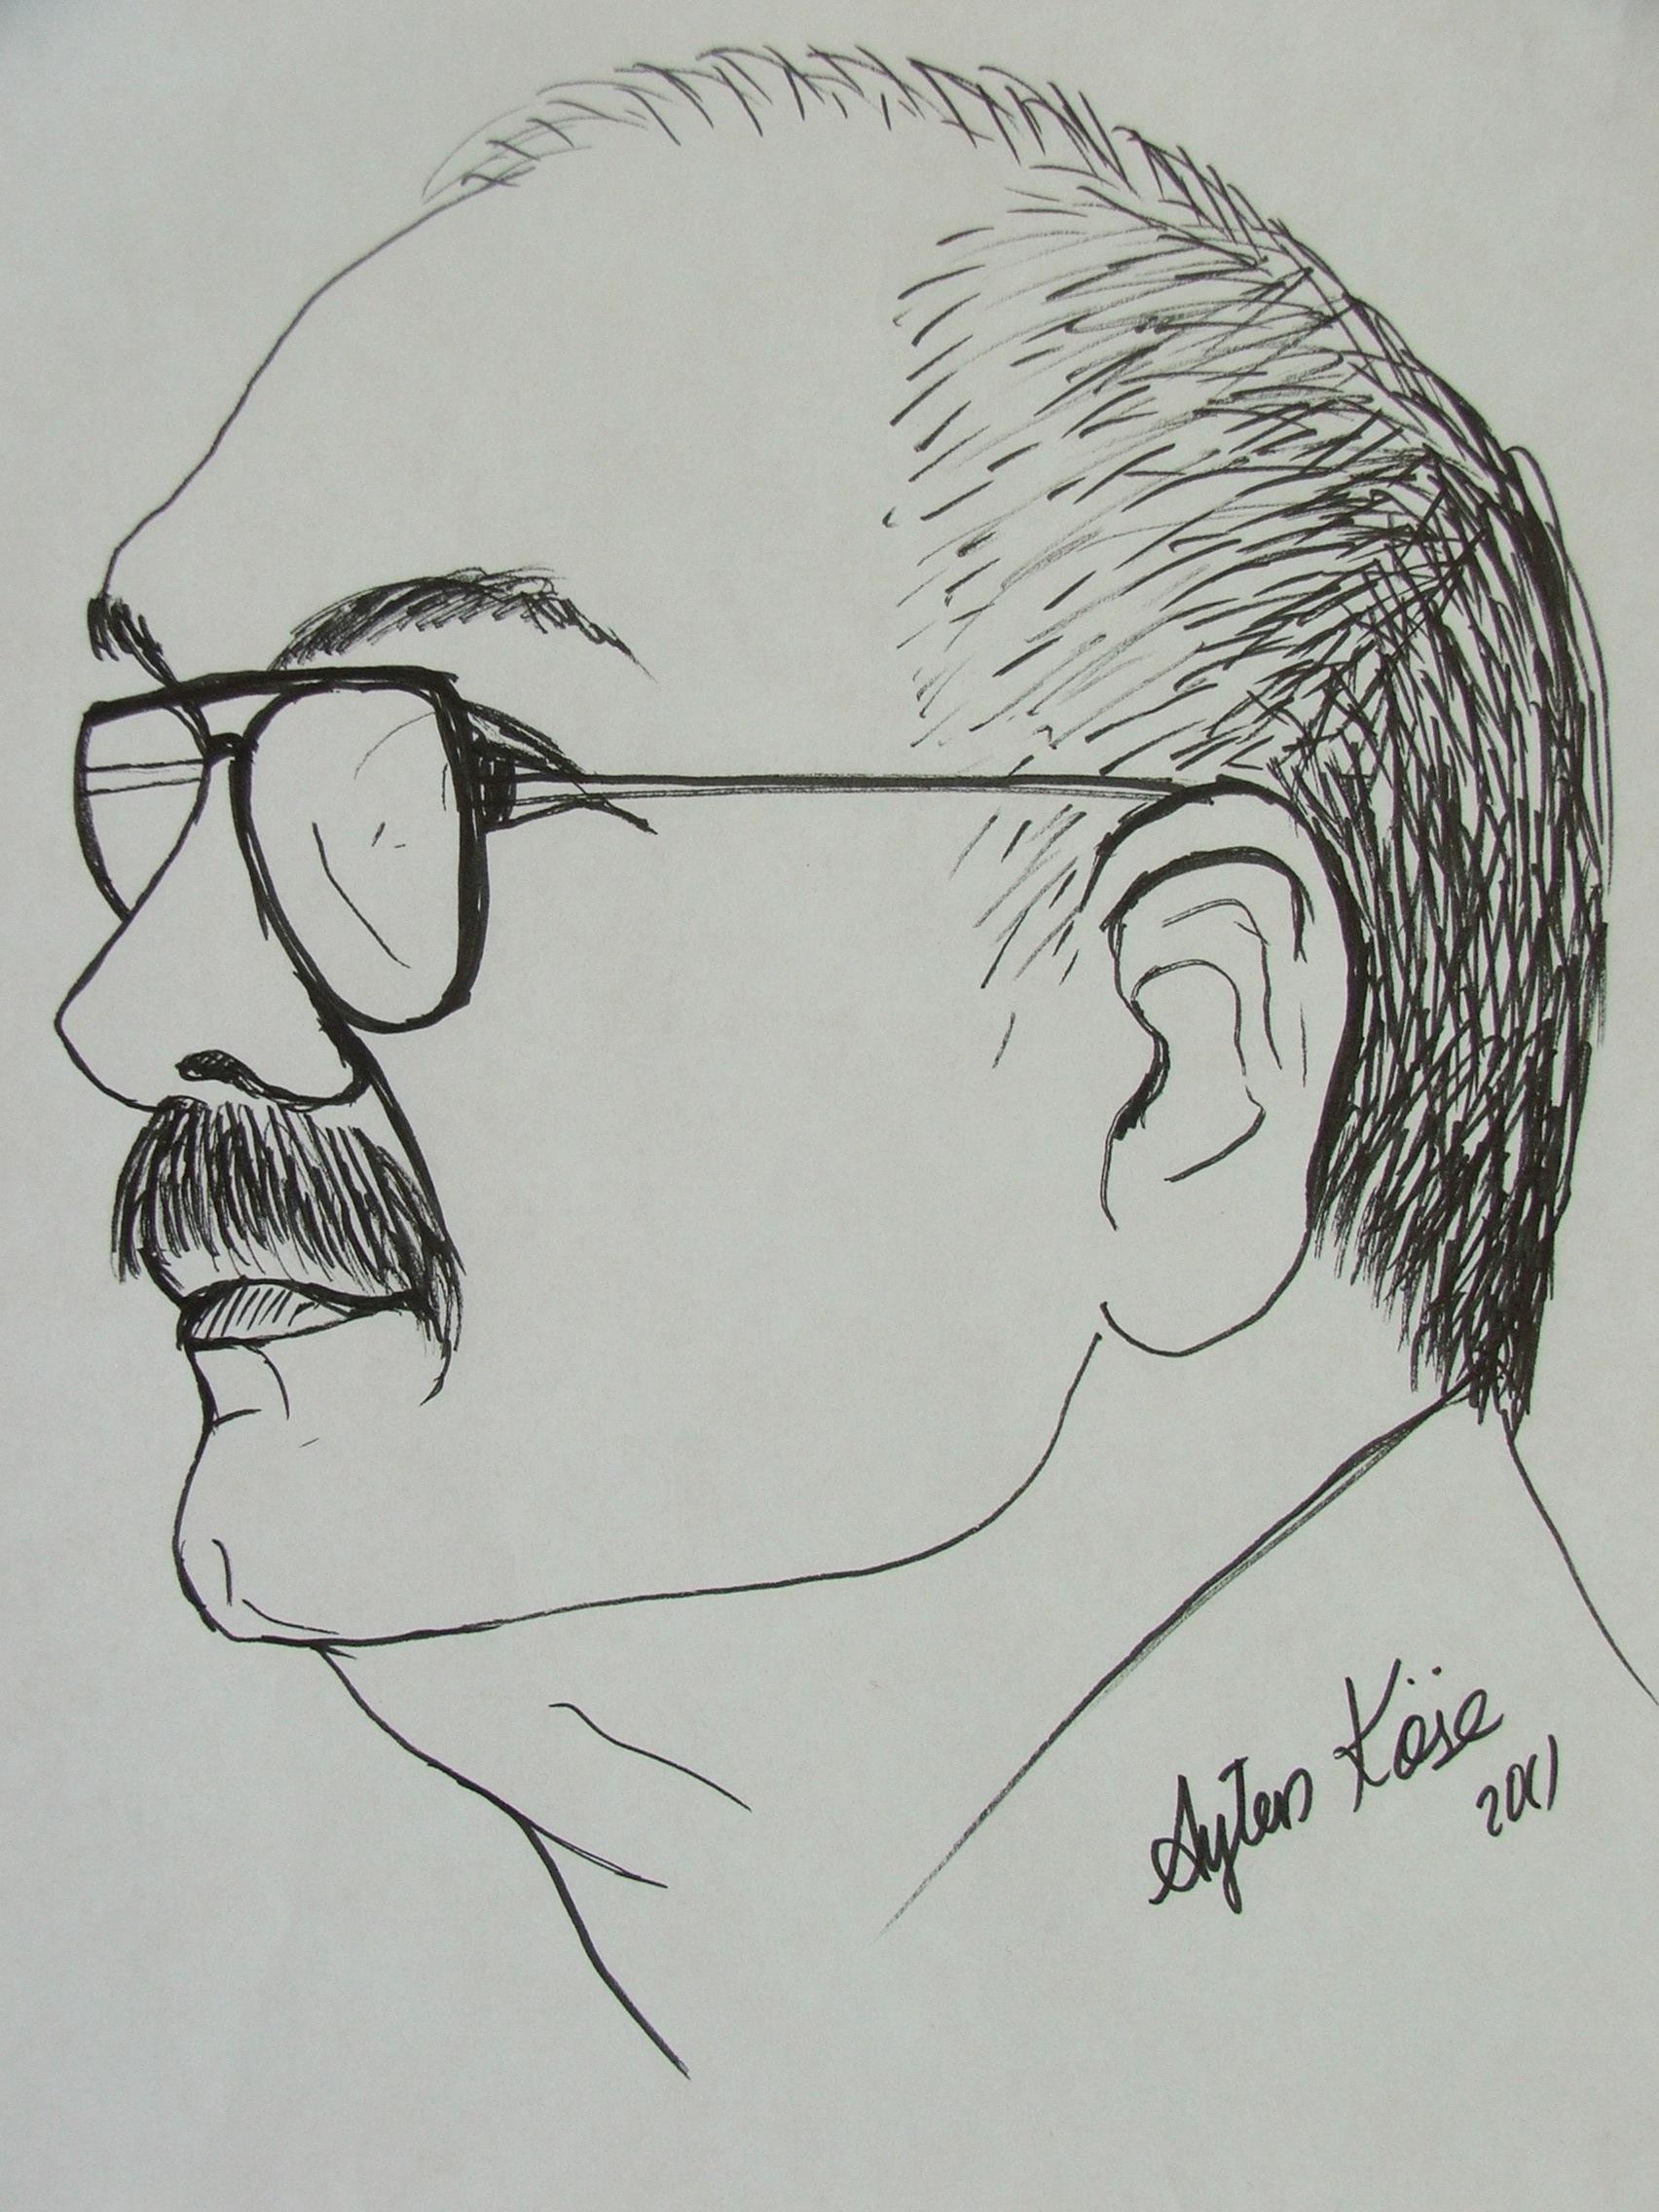 A. Ozer